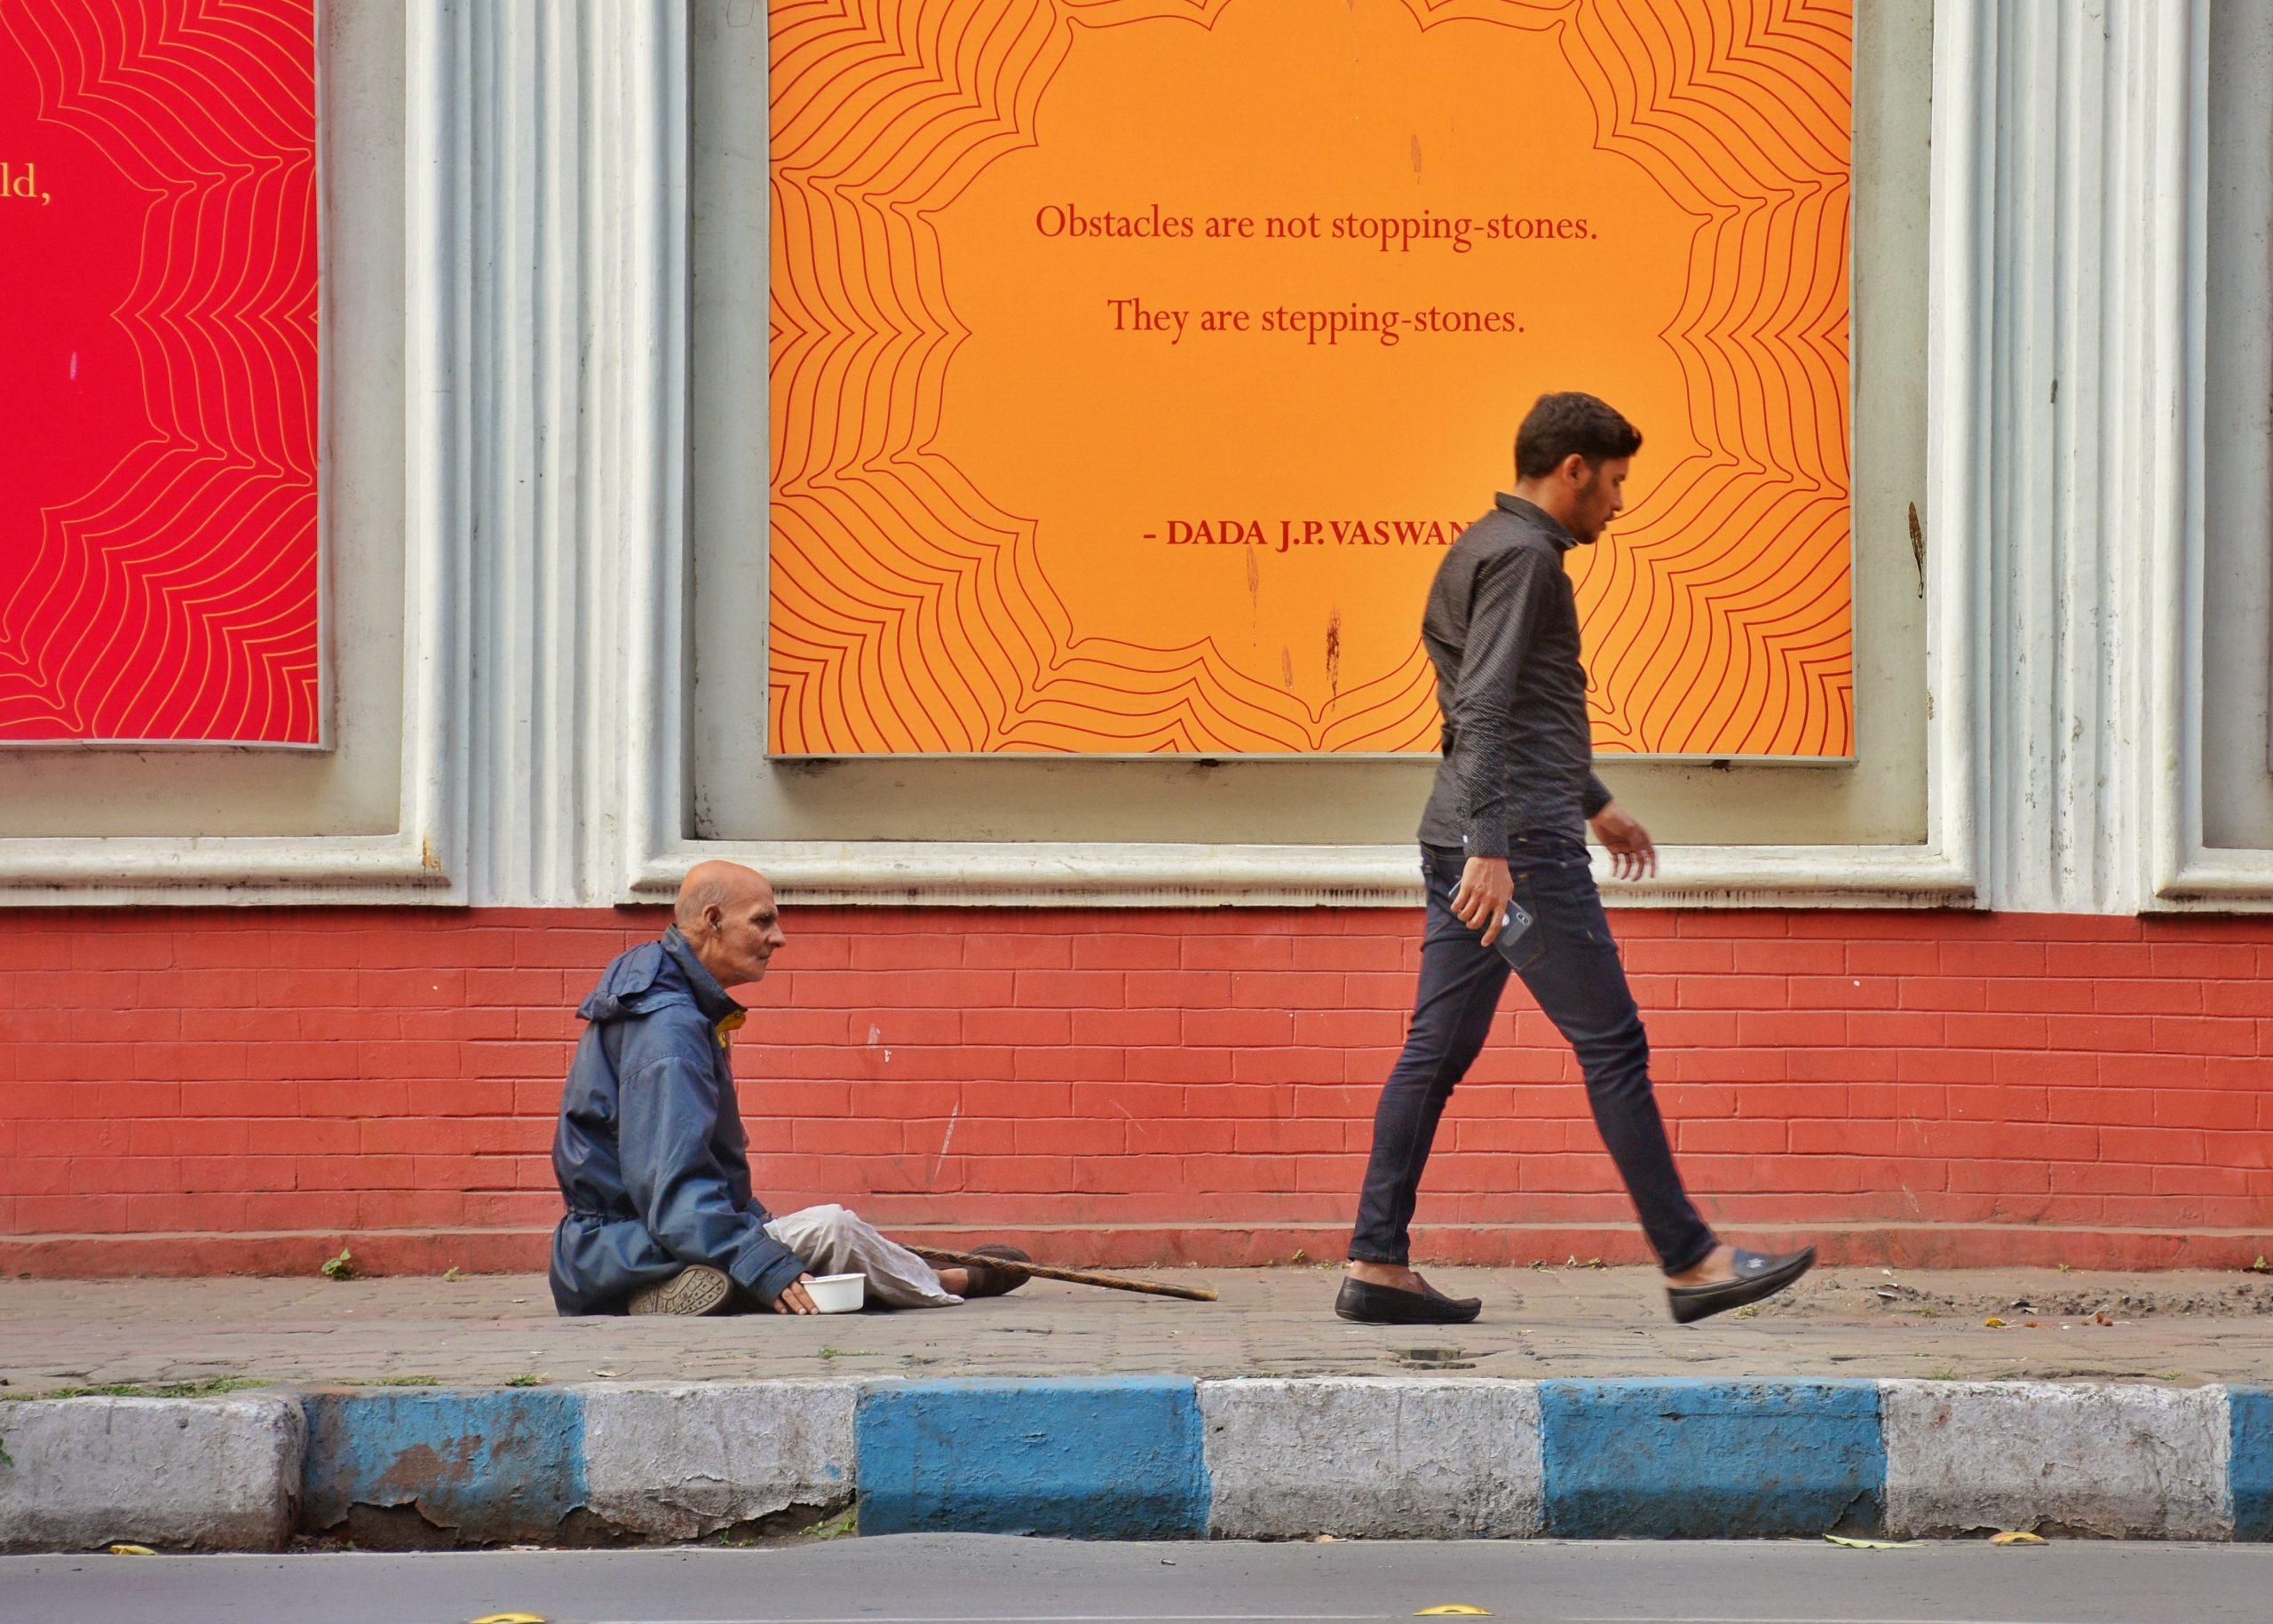 men in the side walk